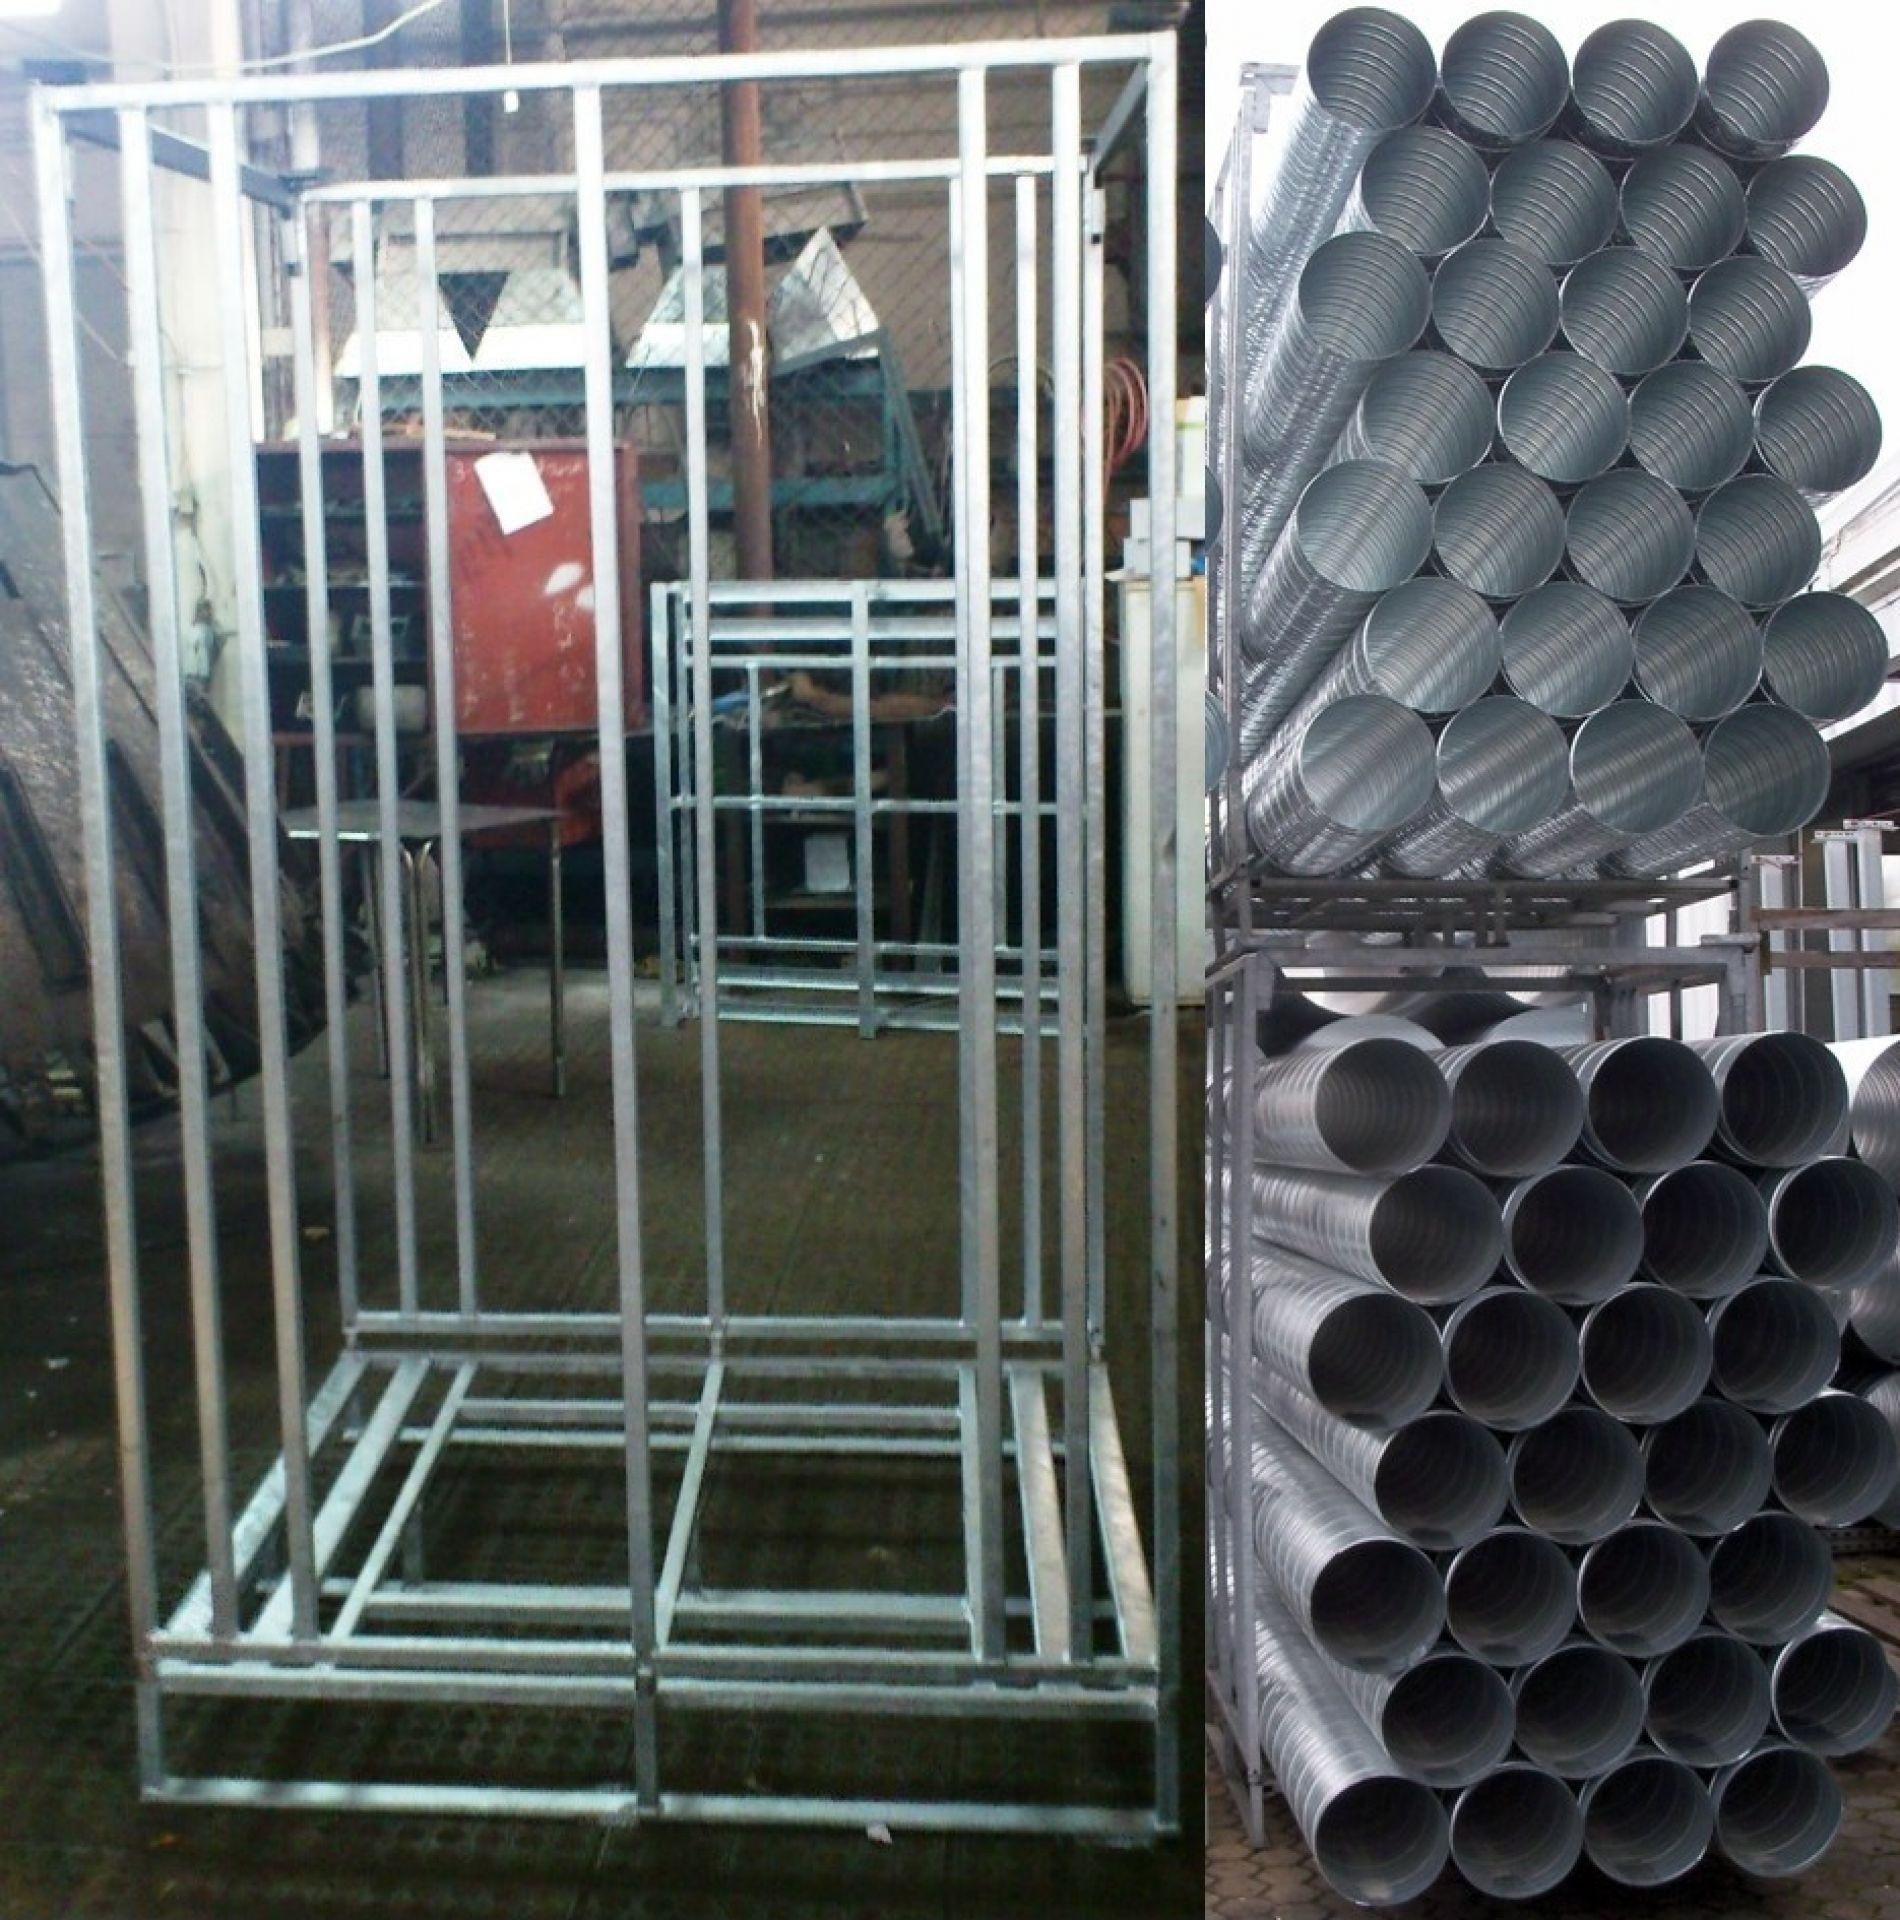 Lagergestell für Alu - Rohre